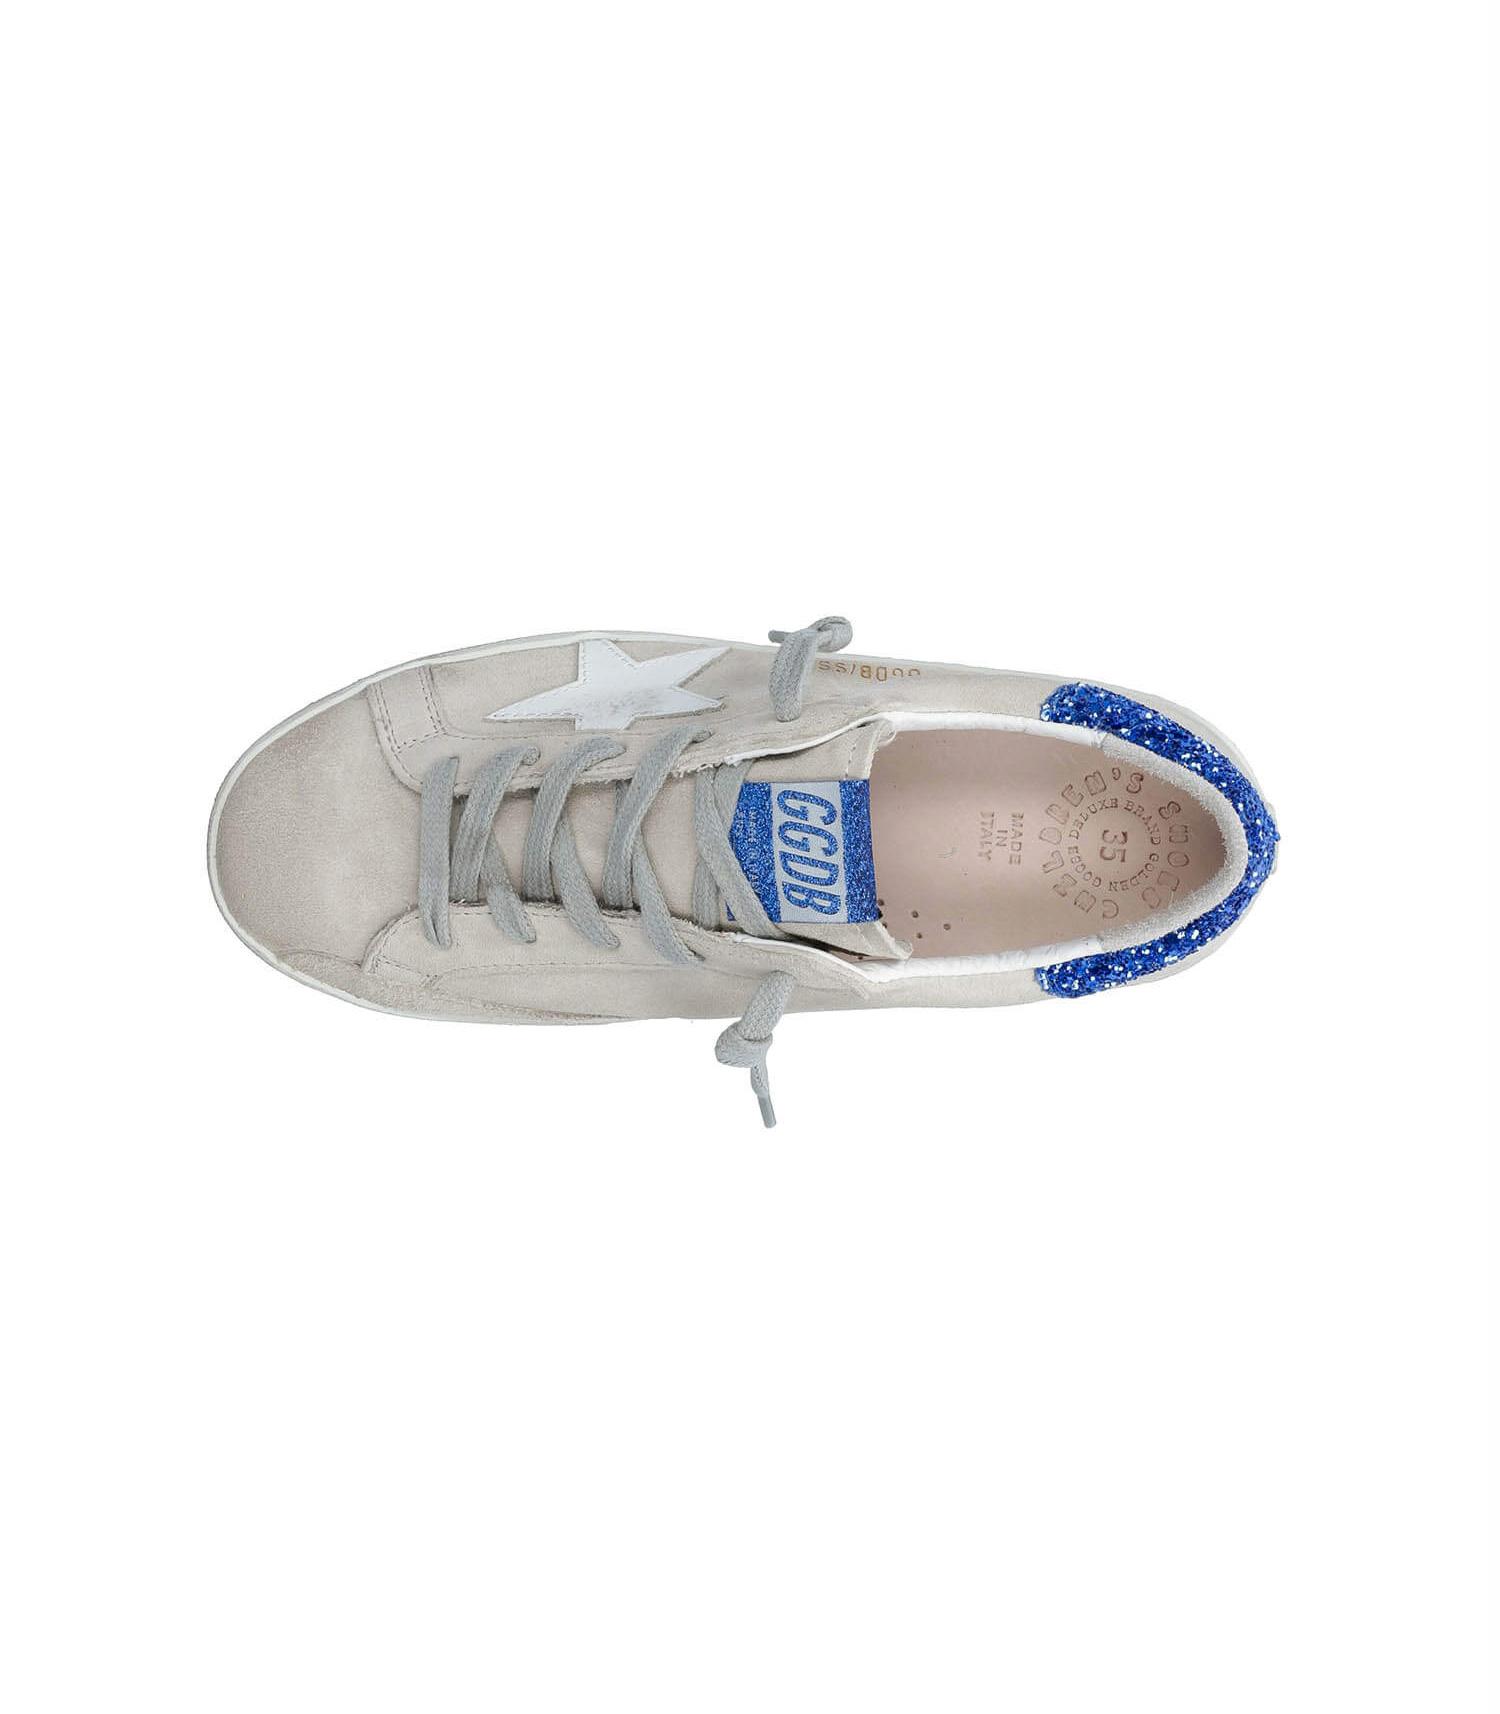 Baskets Super-Star enfant Patch Paillettes Bleues Etoile blanche